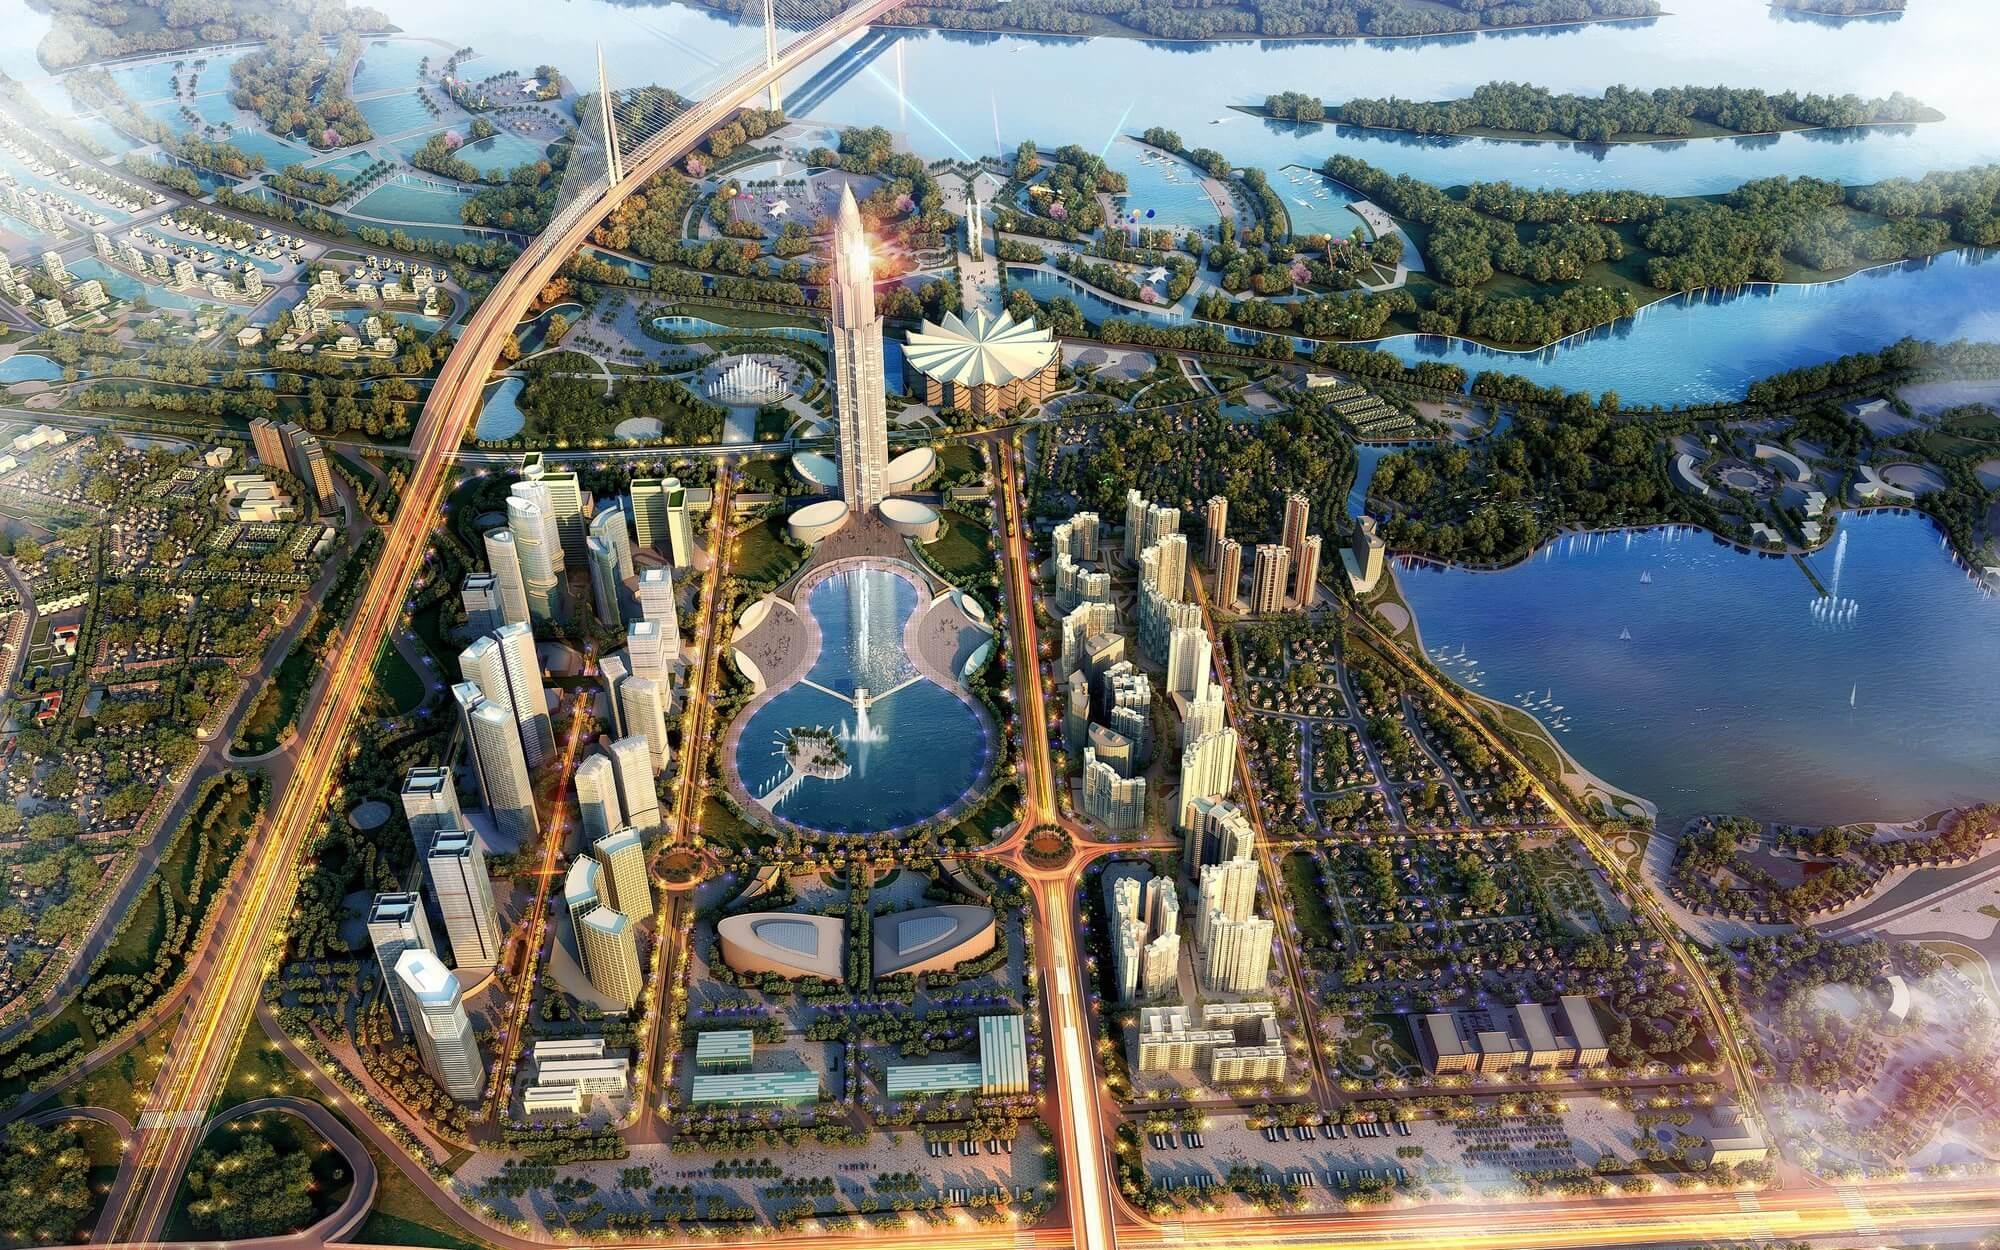 Công nghệ thông minh sẽ được áp dụng để vận hành toàn bộ Smart City Đông Anh.